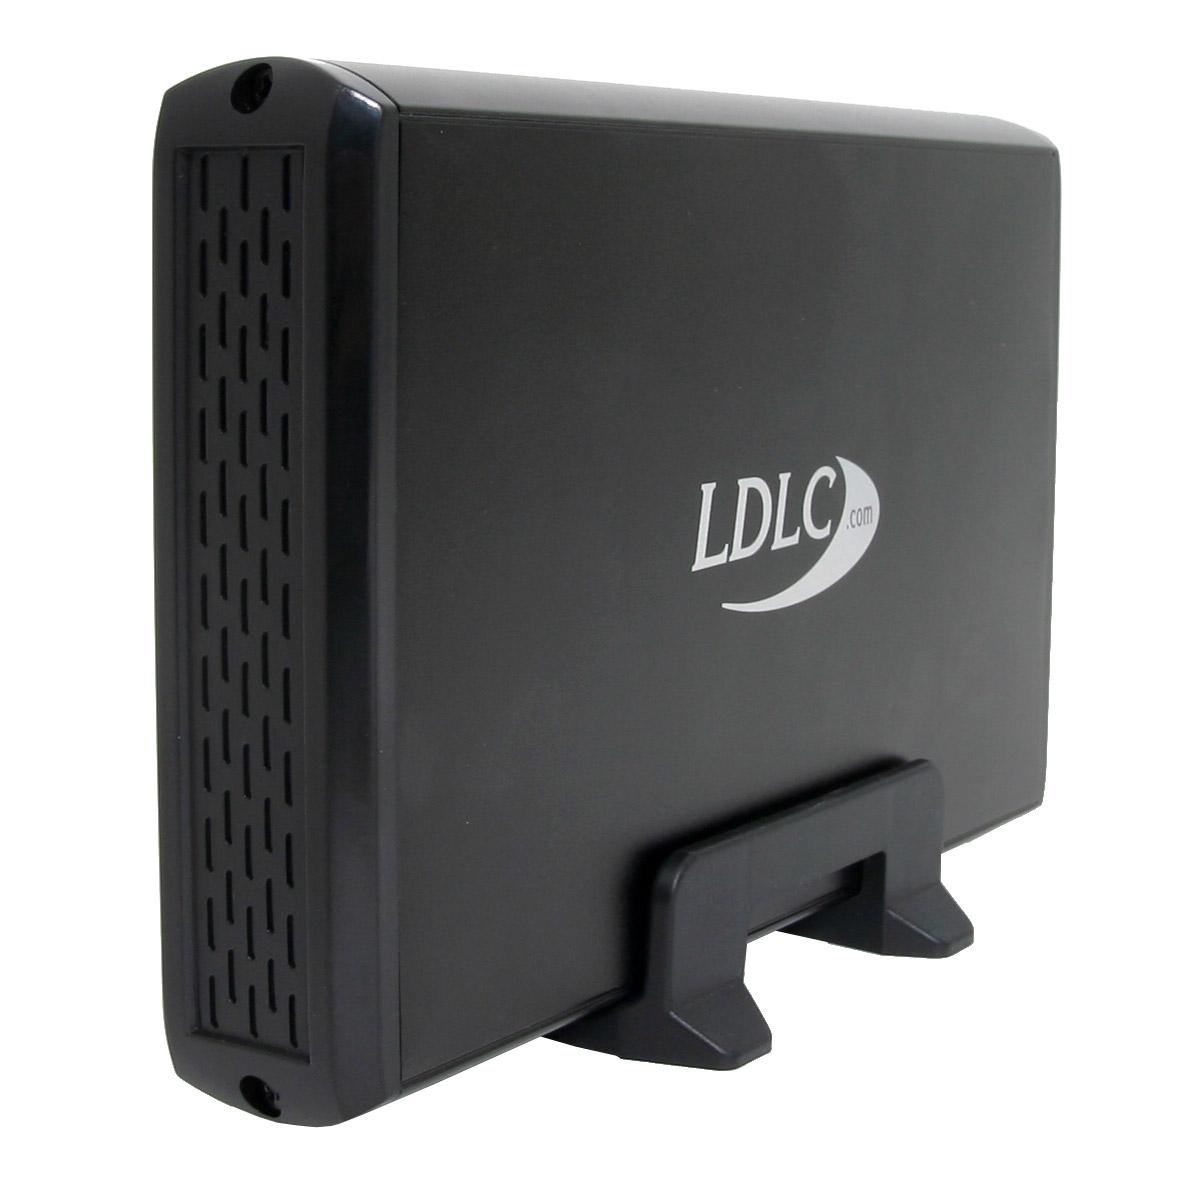 """Boîtier disque dur LDLC 3521HDS3U3 - Boîtier pour disque dur 3""""1/2 sur port USB 3.0 LDLC 3521HDS3U3 - Boîtier pour disque dur 3""""1/2 SATA 6Gb/s sur port USB 3.0"""